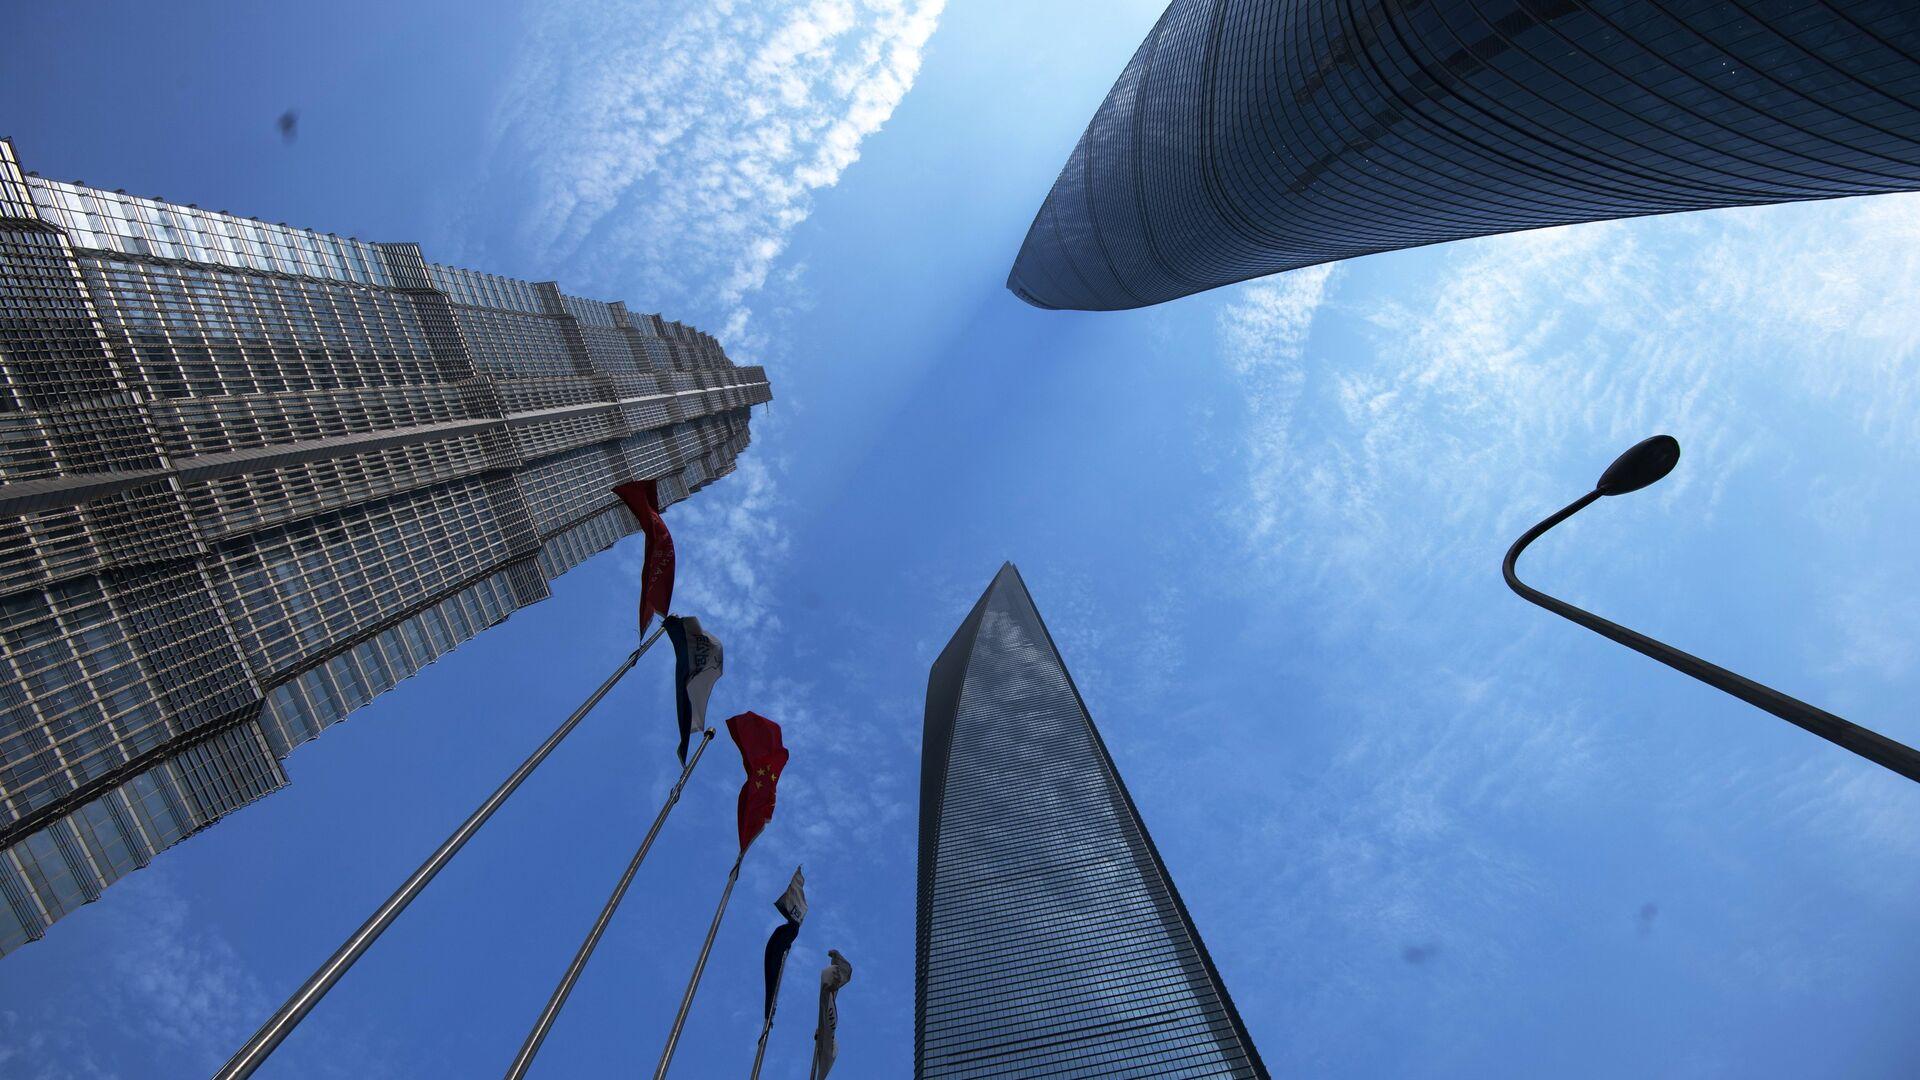 Шанхайский всемирный финансовый центр, башня Цзинь Мао и Шанхайская башня в районе Пудун в Шанхае - РИА Новости, 1920, 17.01.2021